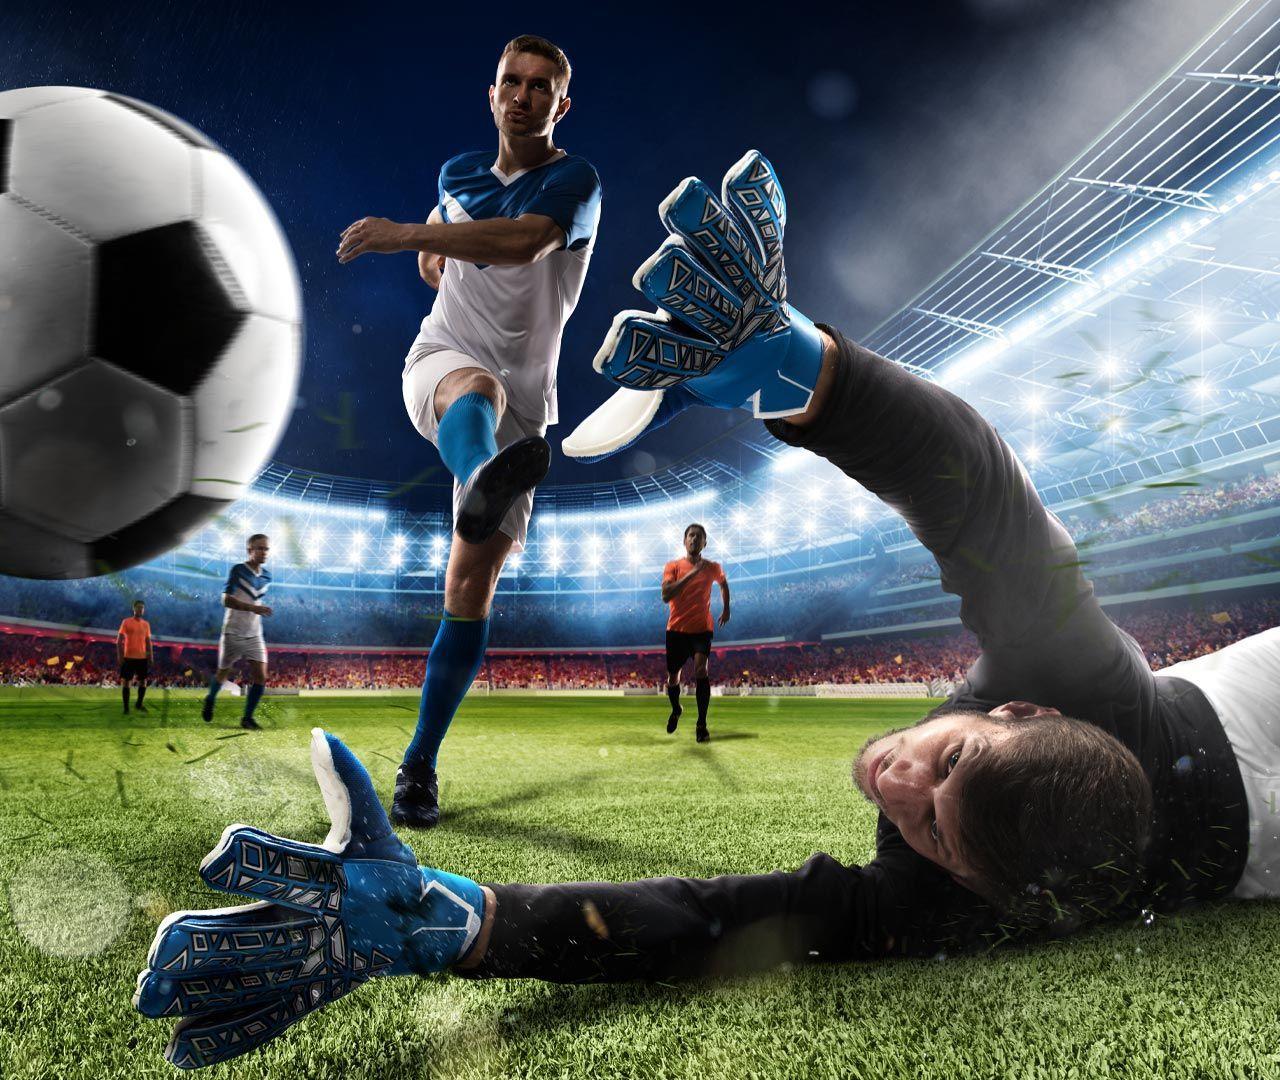 แทงบอลออนไลน์ที่ดีที่สุดในเอเชีย